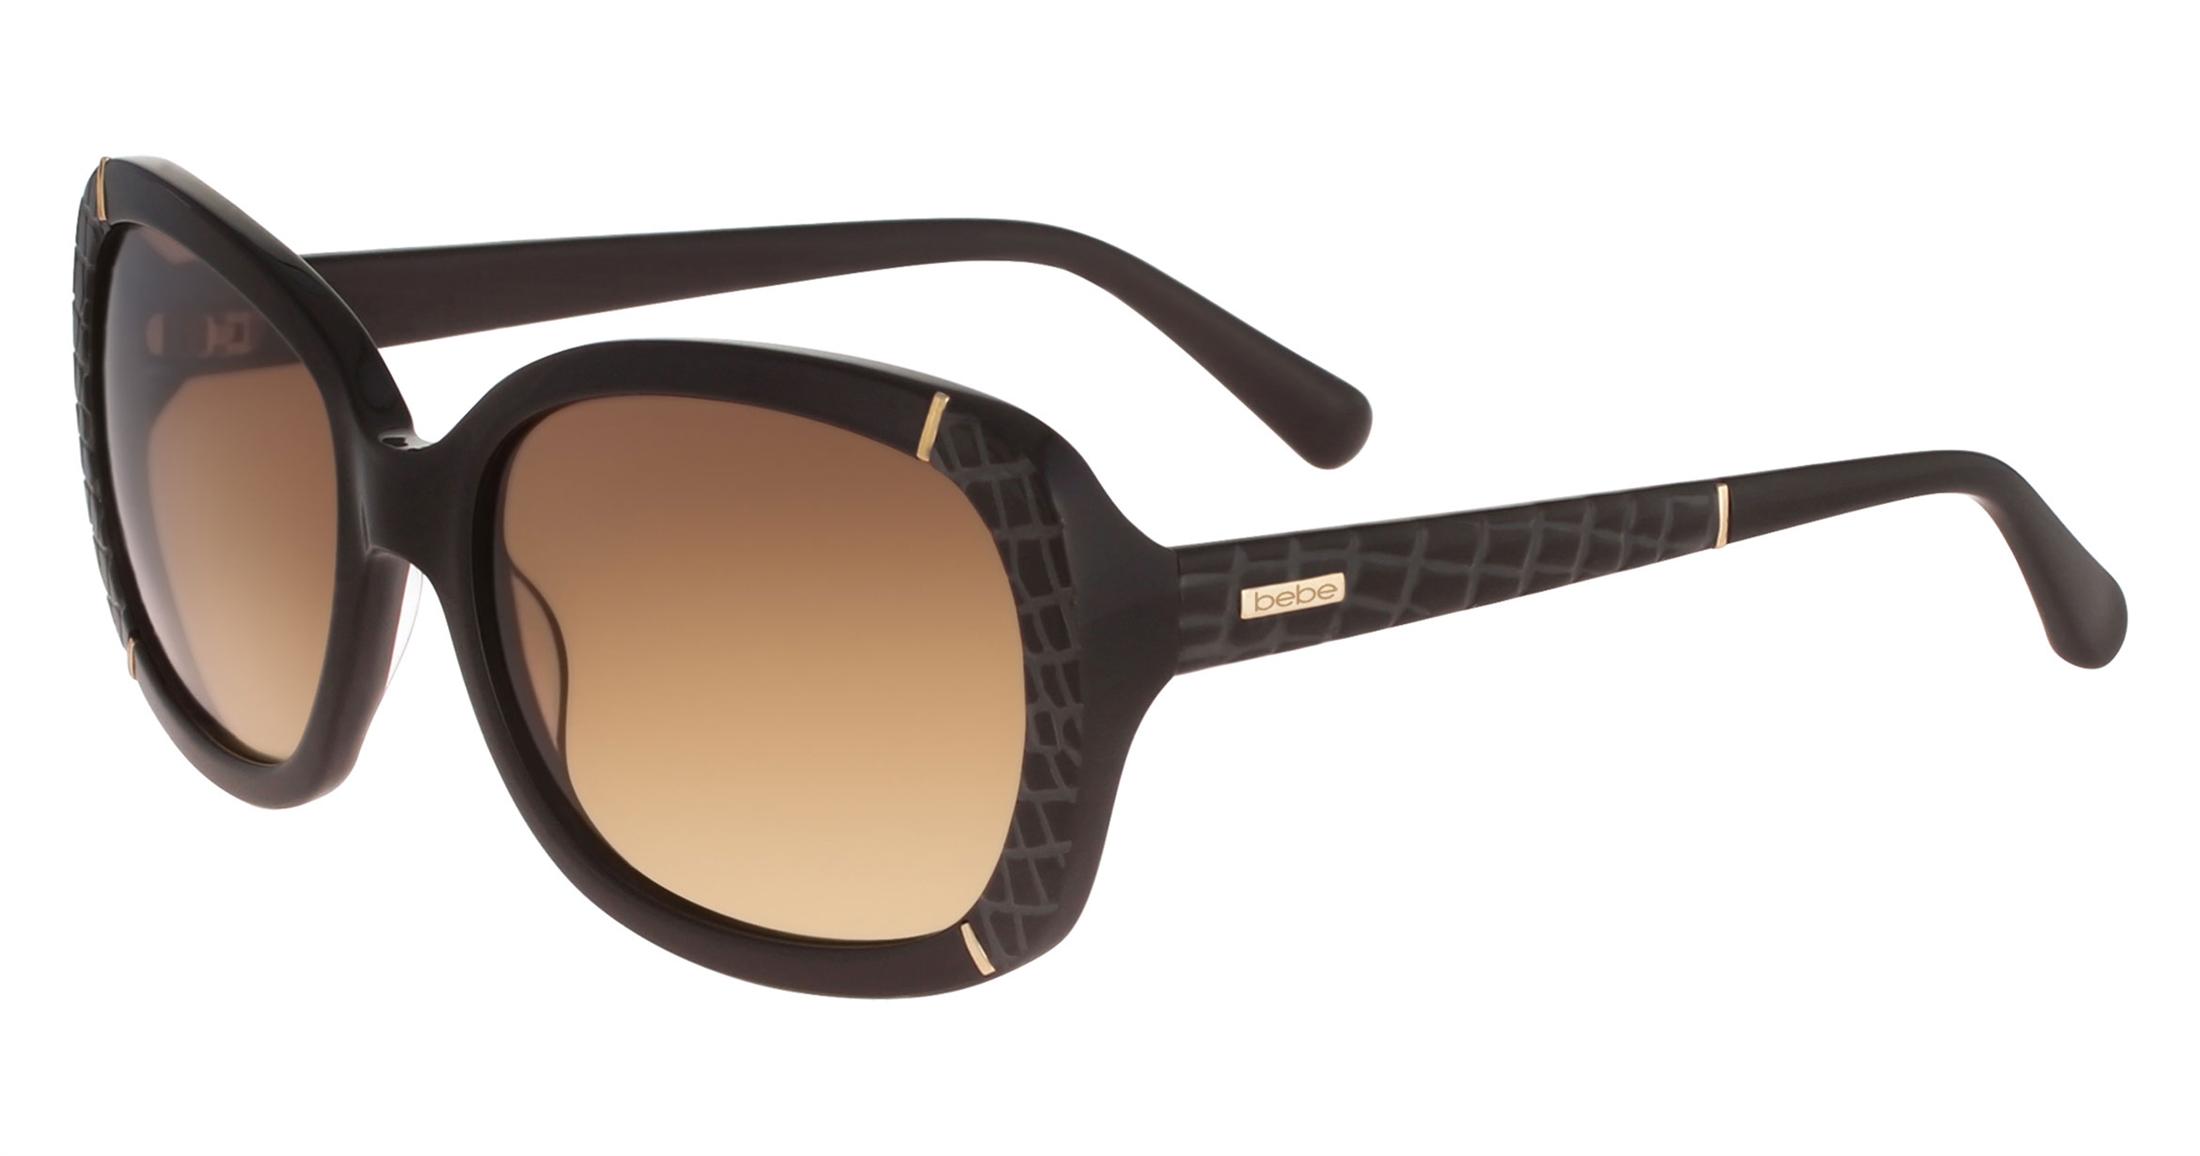 102a303a7cb Can I Get Prescription Oakley Sunglasses « Heritage Malta